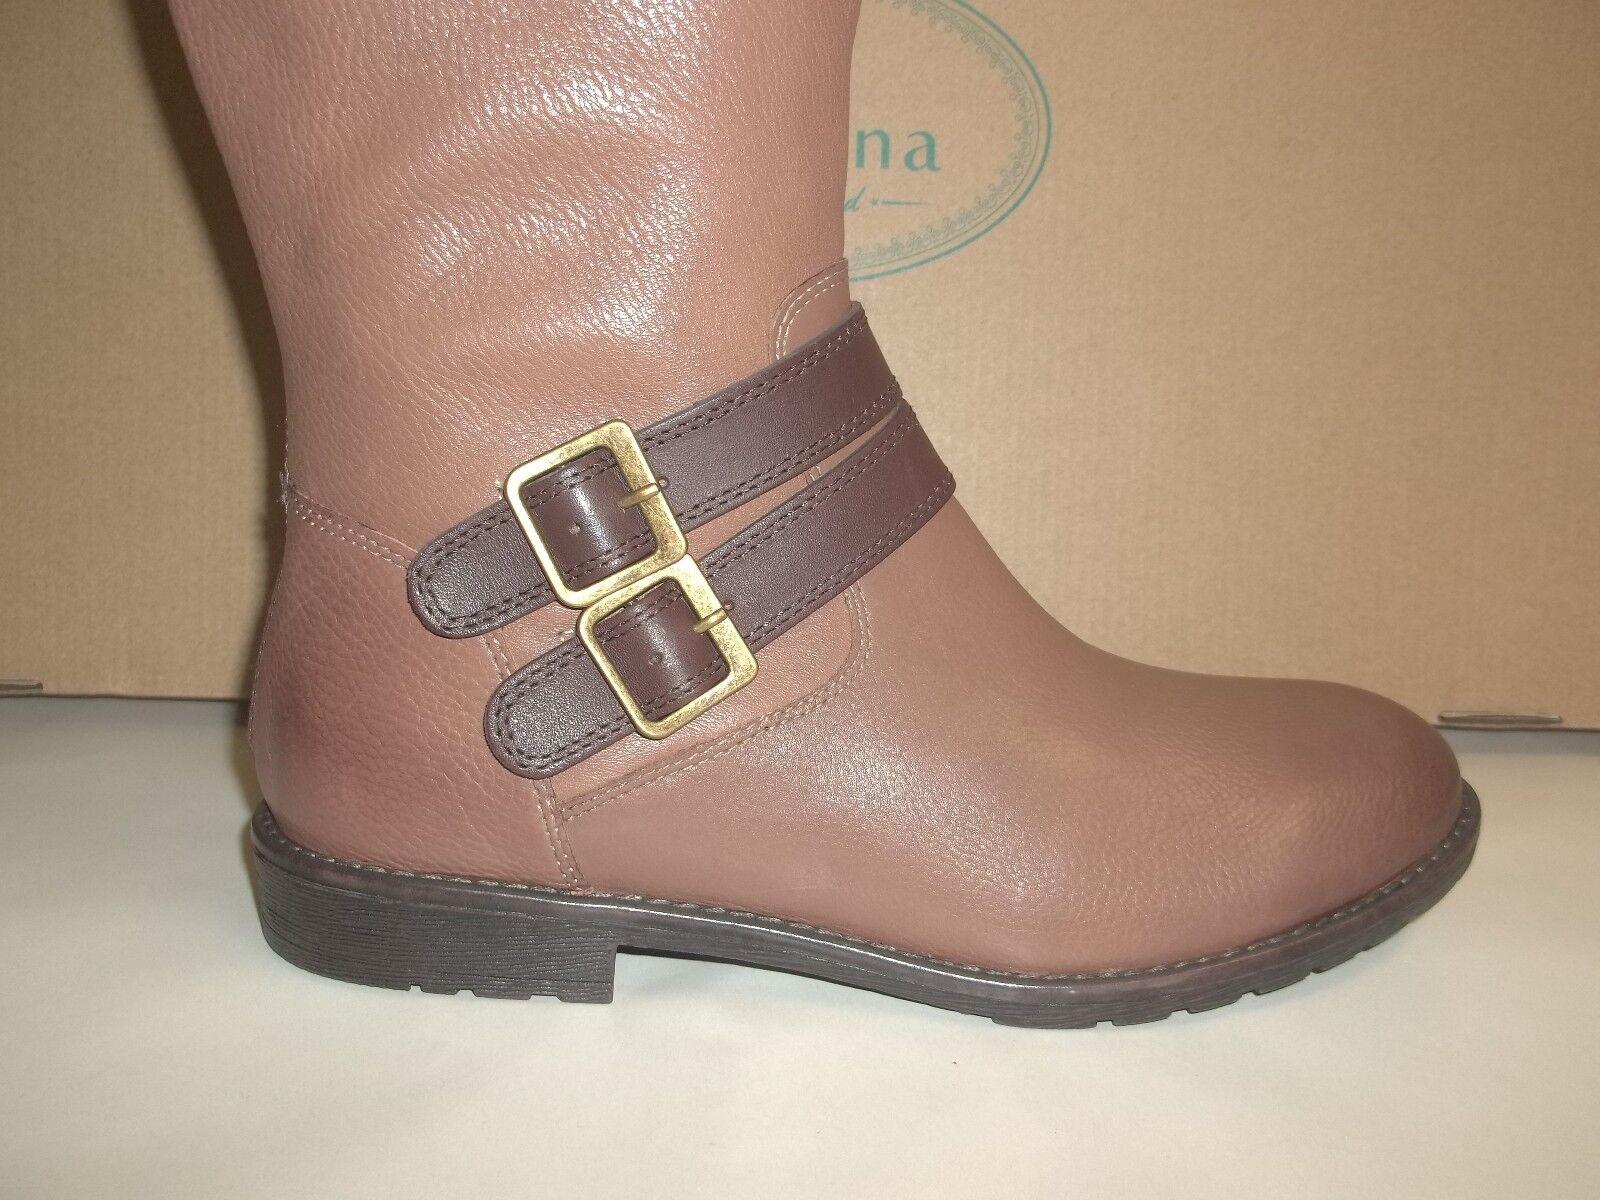 Montana Talla 8.5 M Gavyn Gavyn Gavyn Cuero Tostado la rodilla botas altas nuevas Mujer Zapatos cb7af0